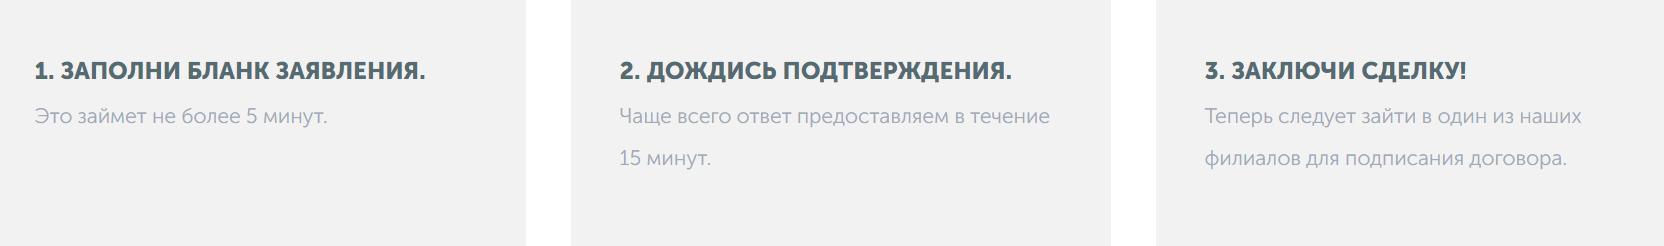 tiešsaistes aizdevums Latvijā